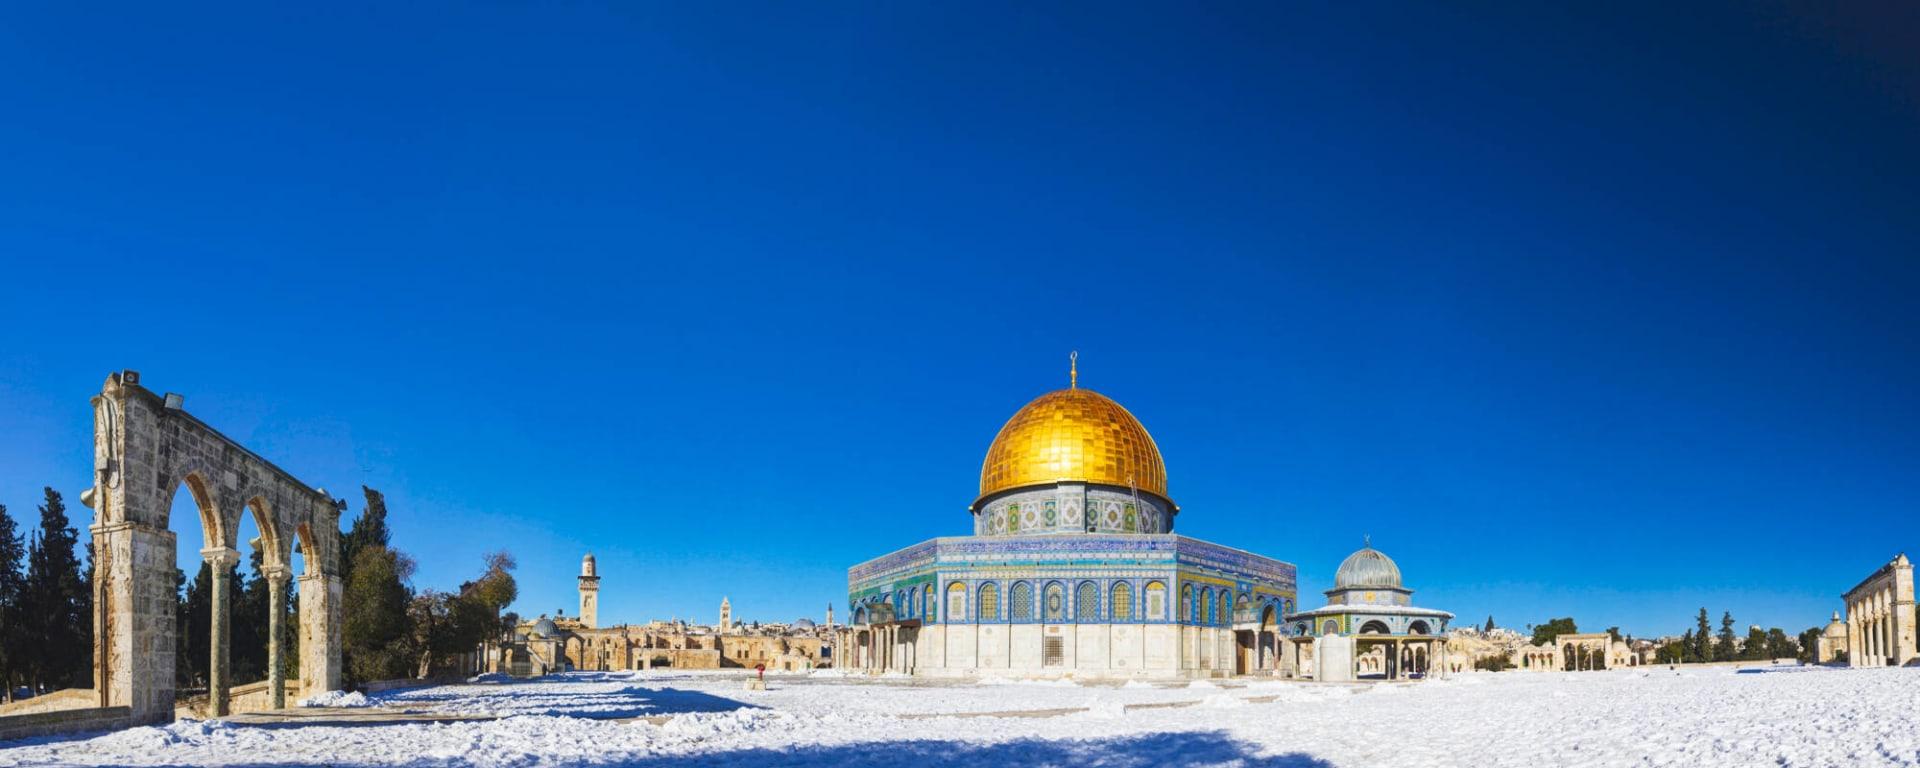 Israel entdecken ab Tel Aviv: Israel Jerusalem Felsendom